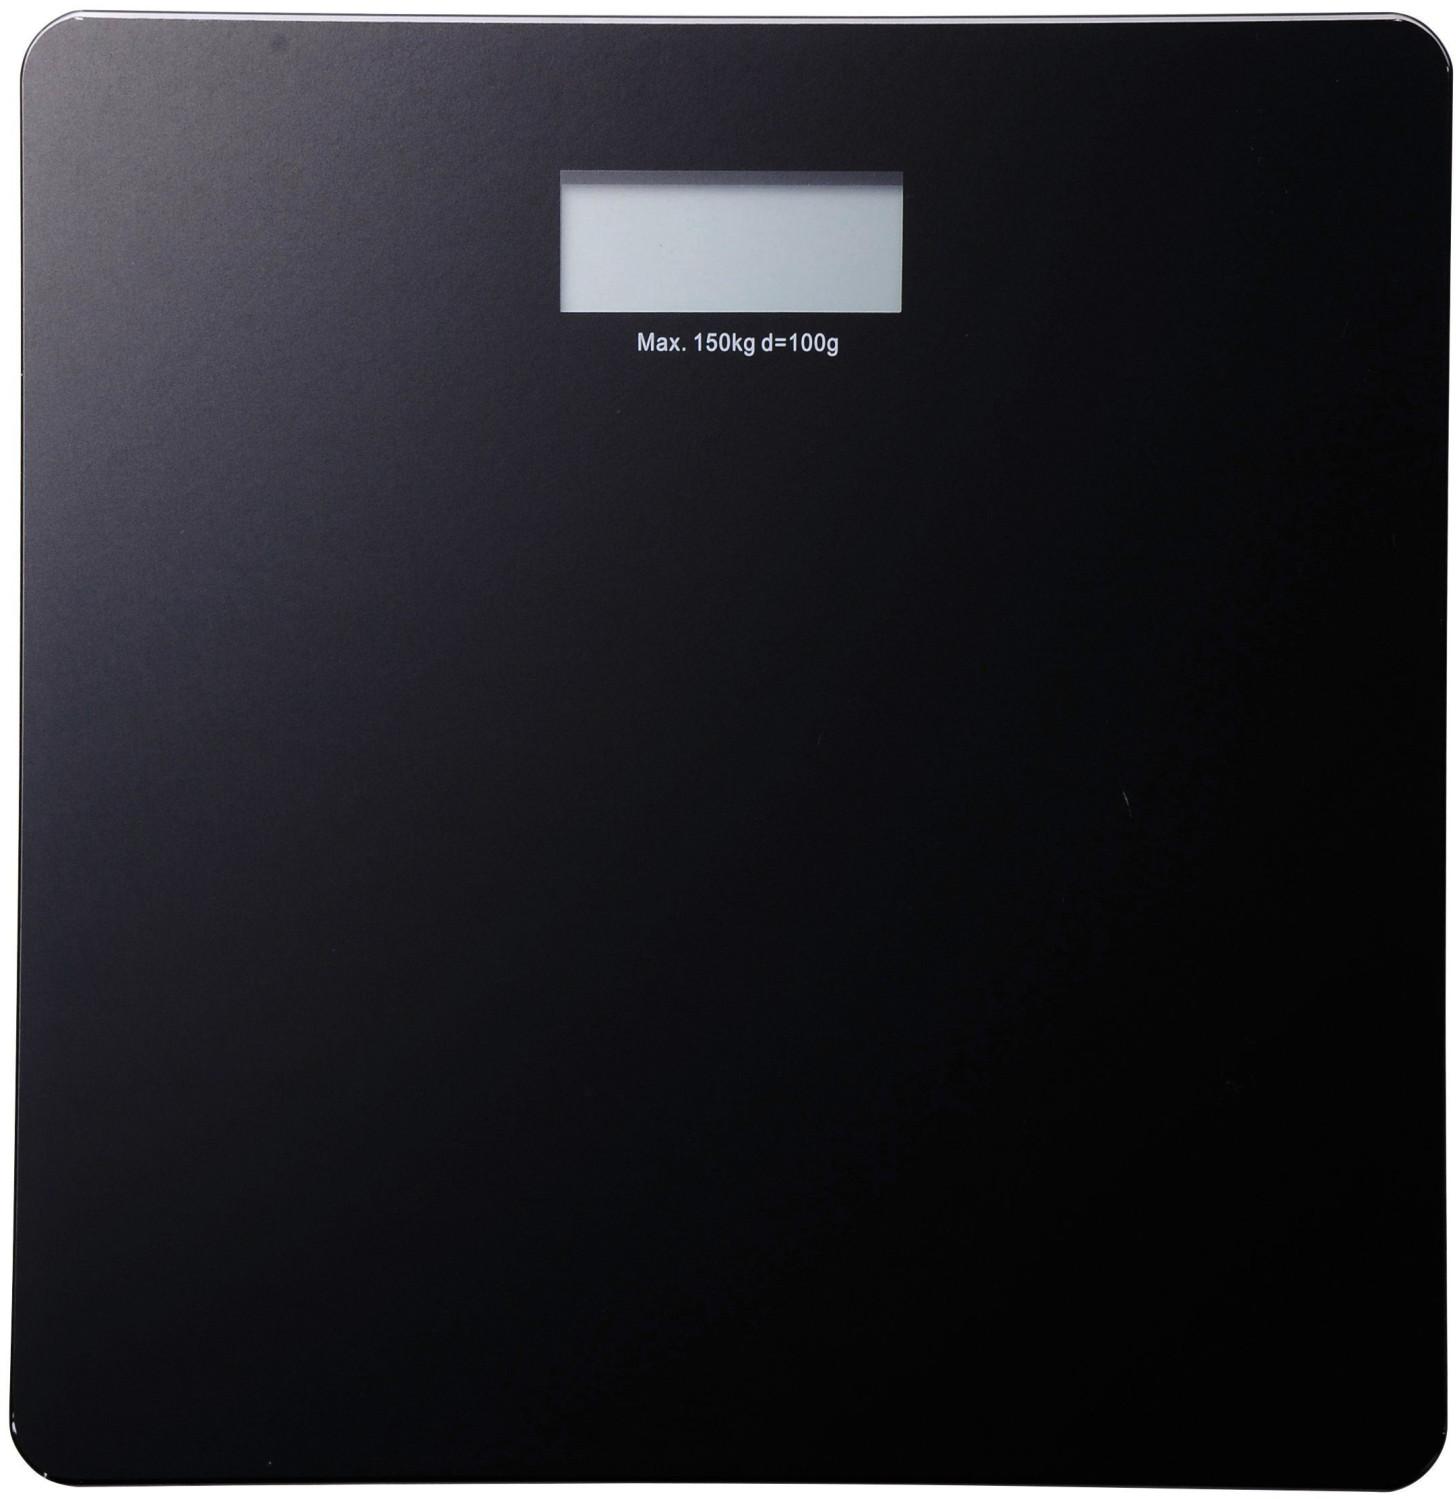 Image of MSV France Digital Scale black